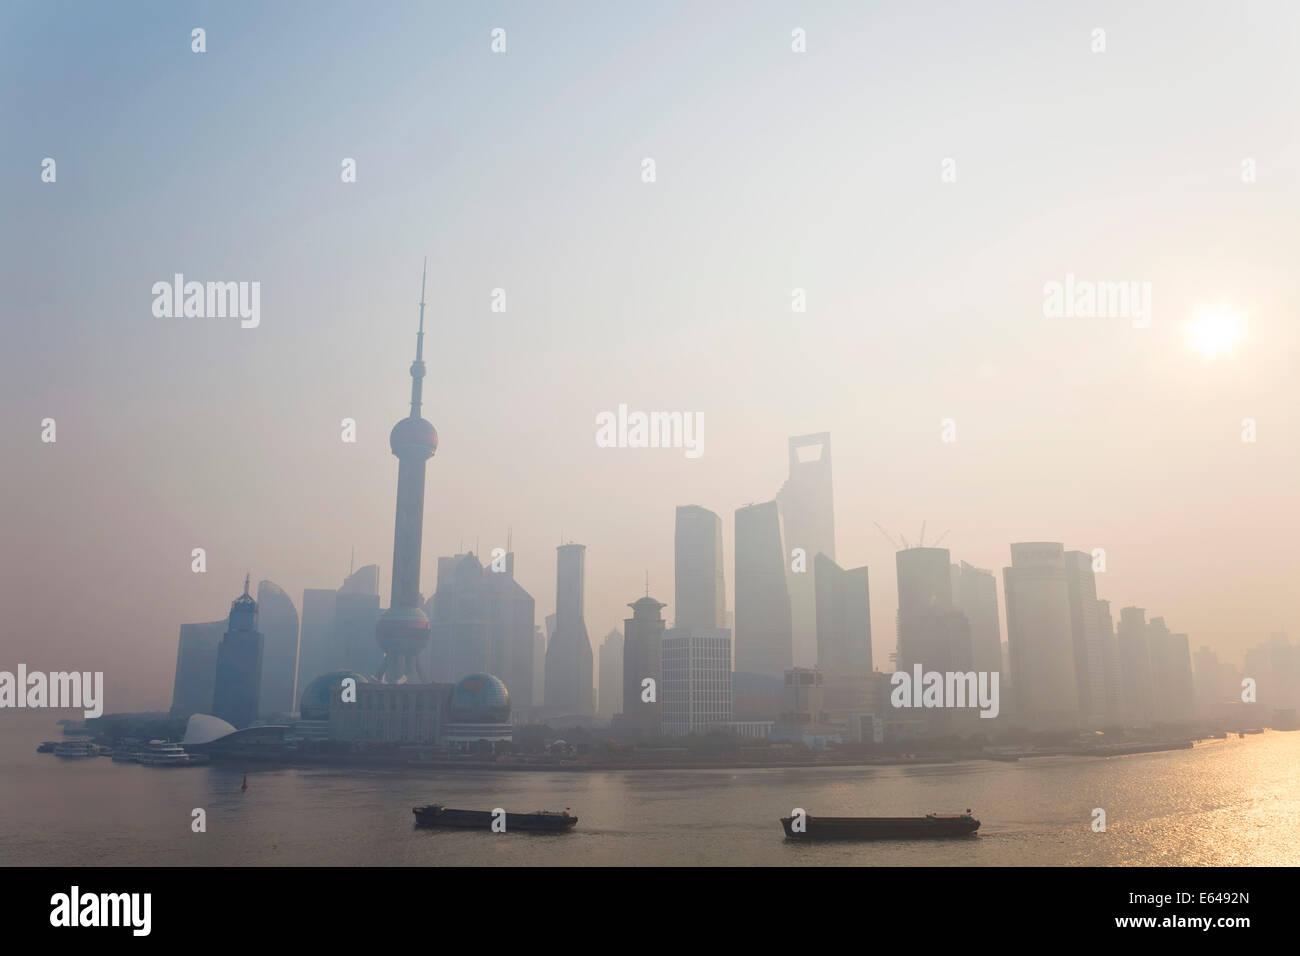 Sunrise over Pudong skyline & barges on Huangpu River, Shanghai, China - Stock Image